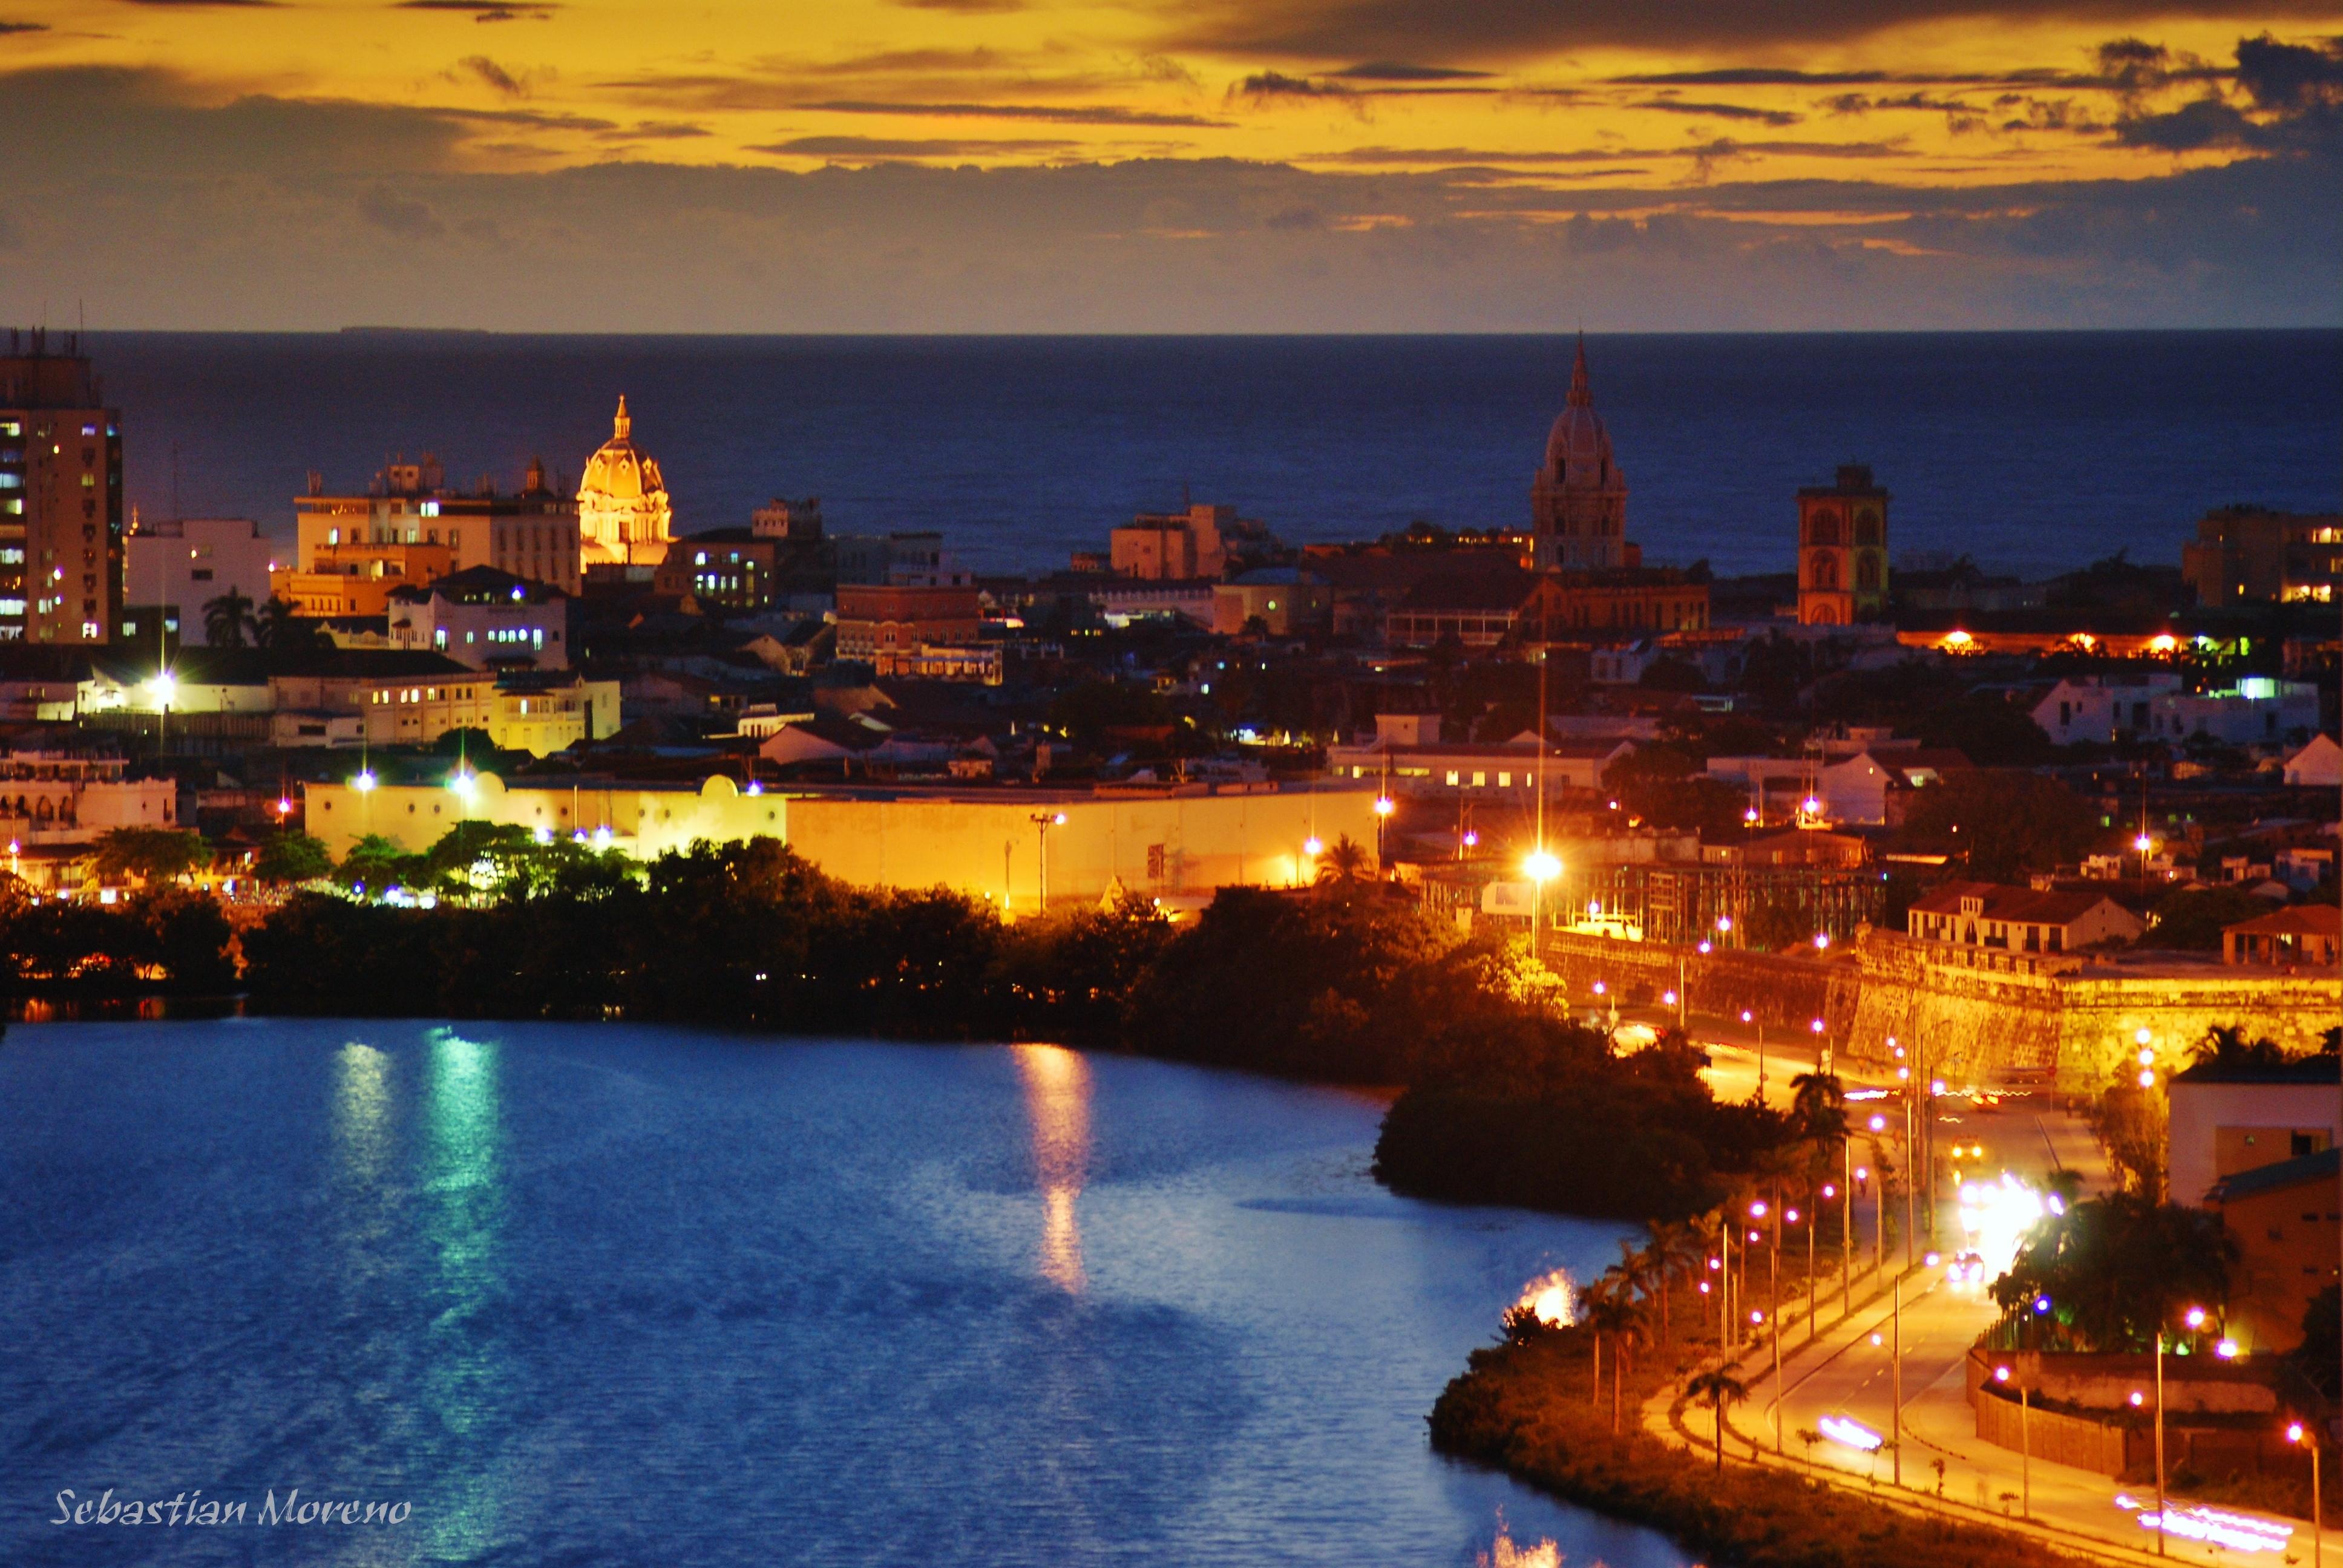 Wohnung in Cartagena direkt am Meer E19c2